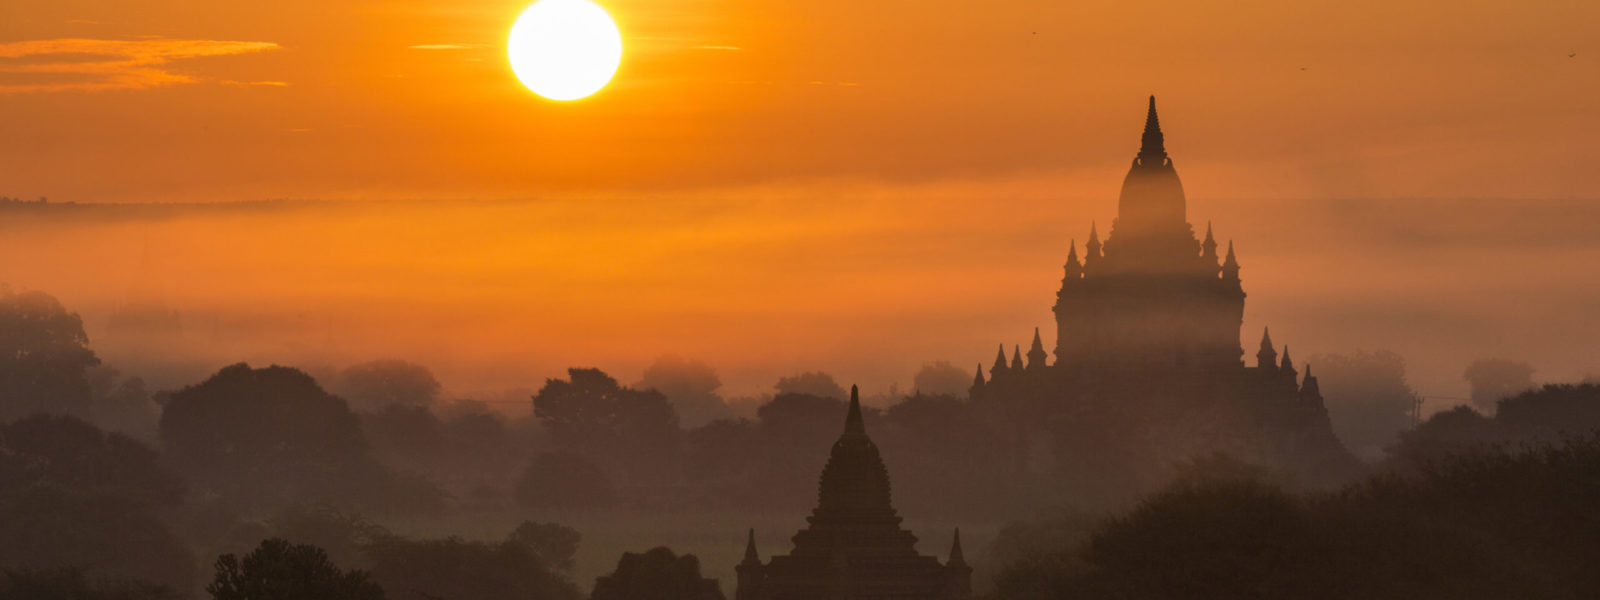 Bagan - Sunset at Bagan - Myanmar - Sampan Travel